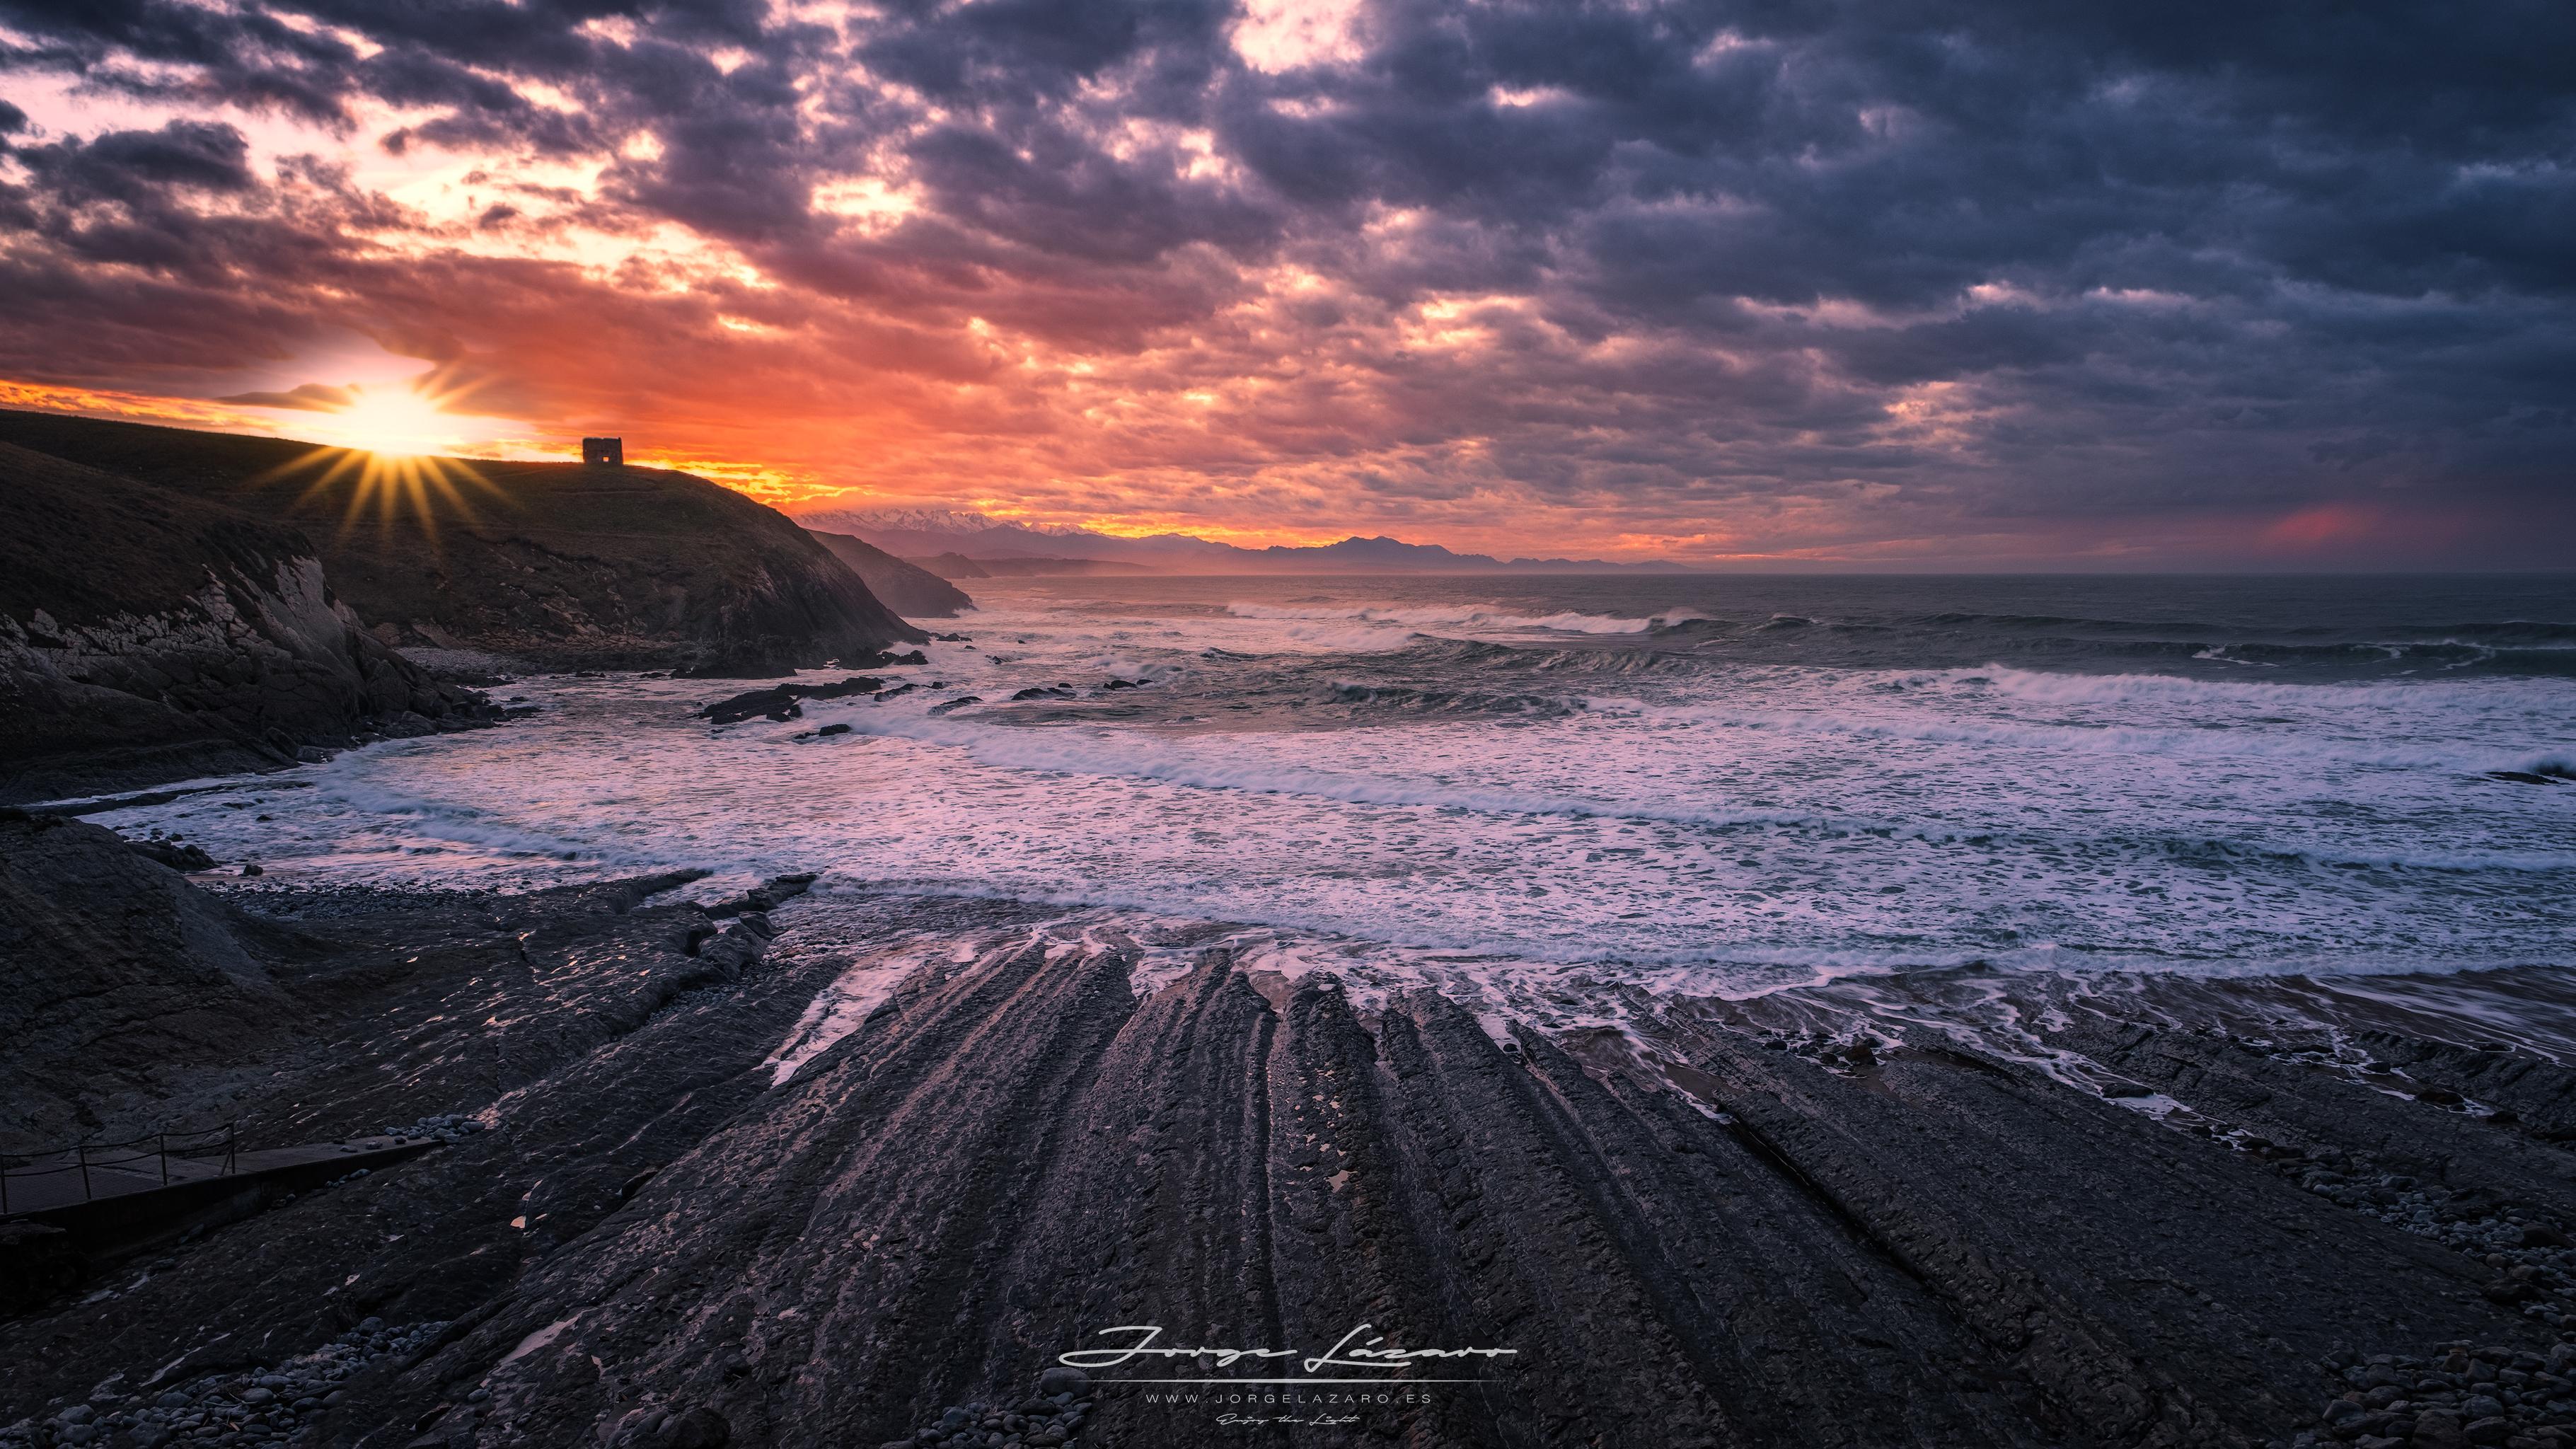 El Sable, Playa de Tagle - Jorge Lázaro